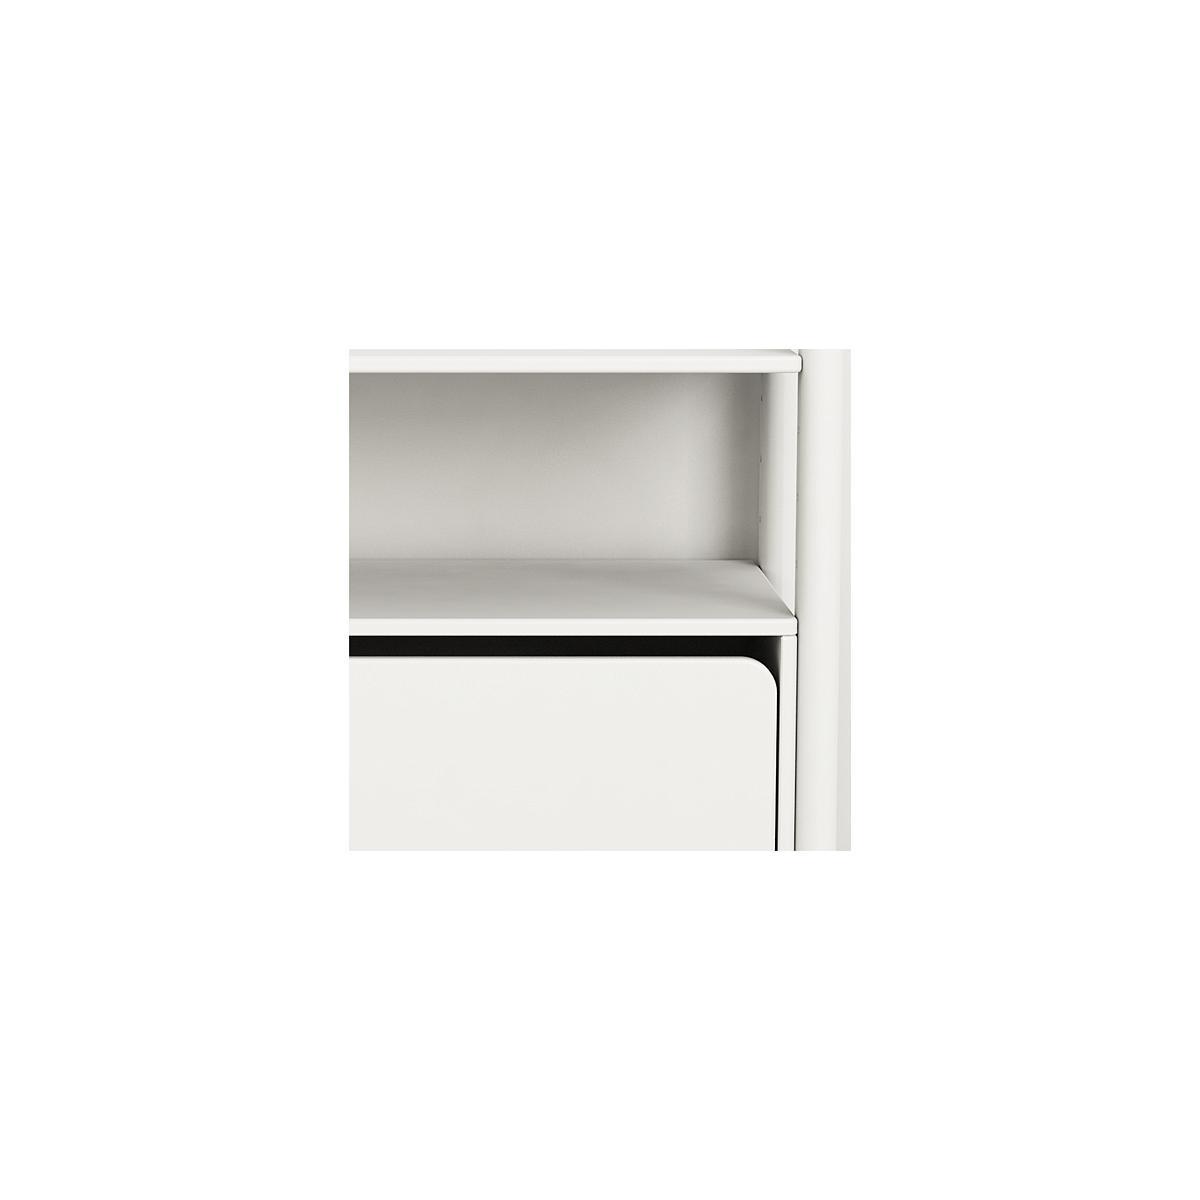 Mini B - Cajonera 74 cm SHELFIE Flexa blanco